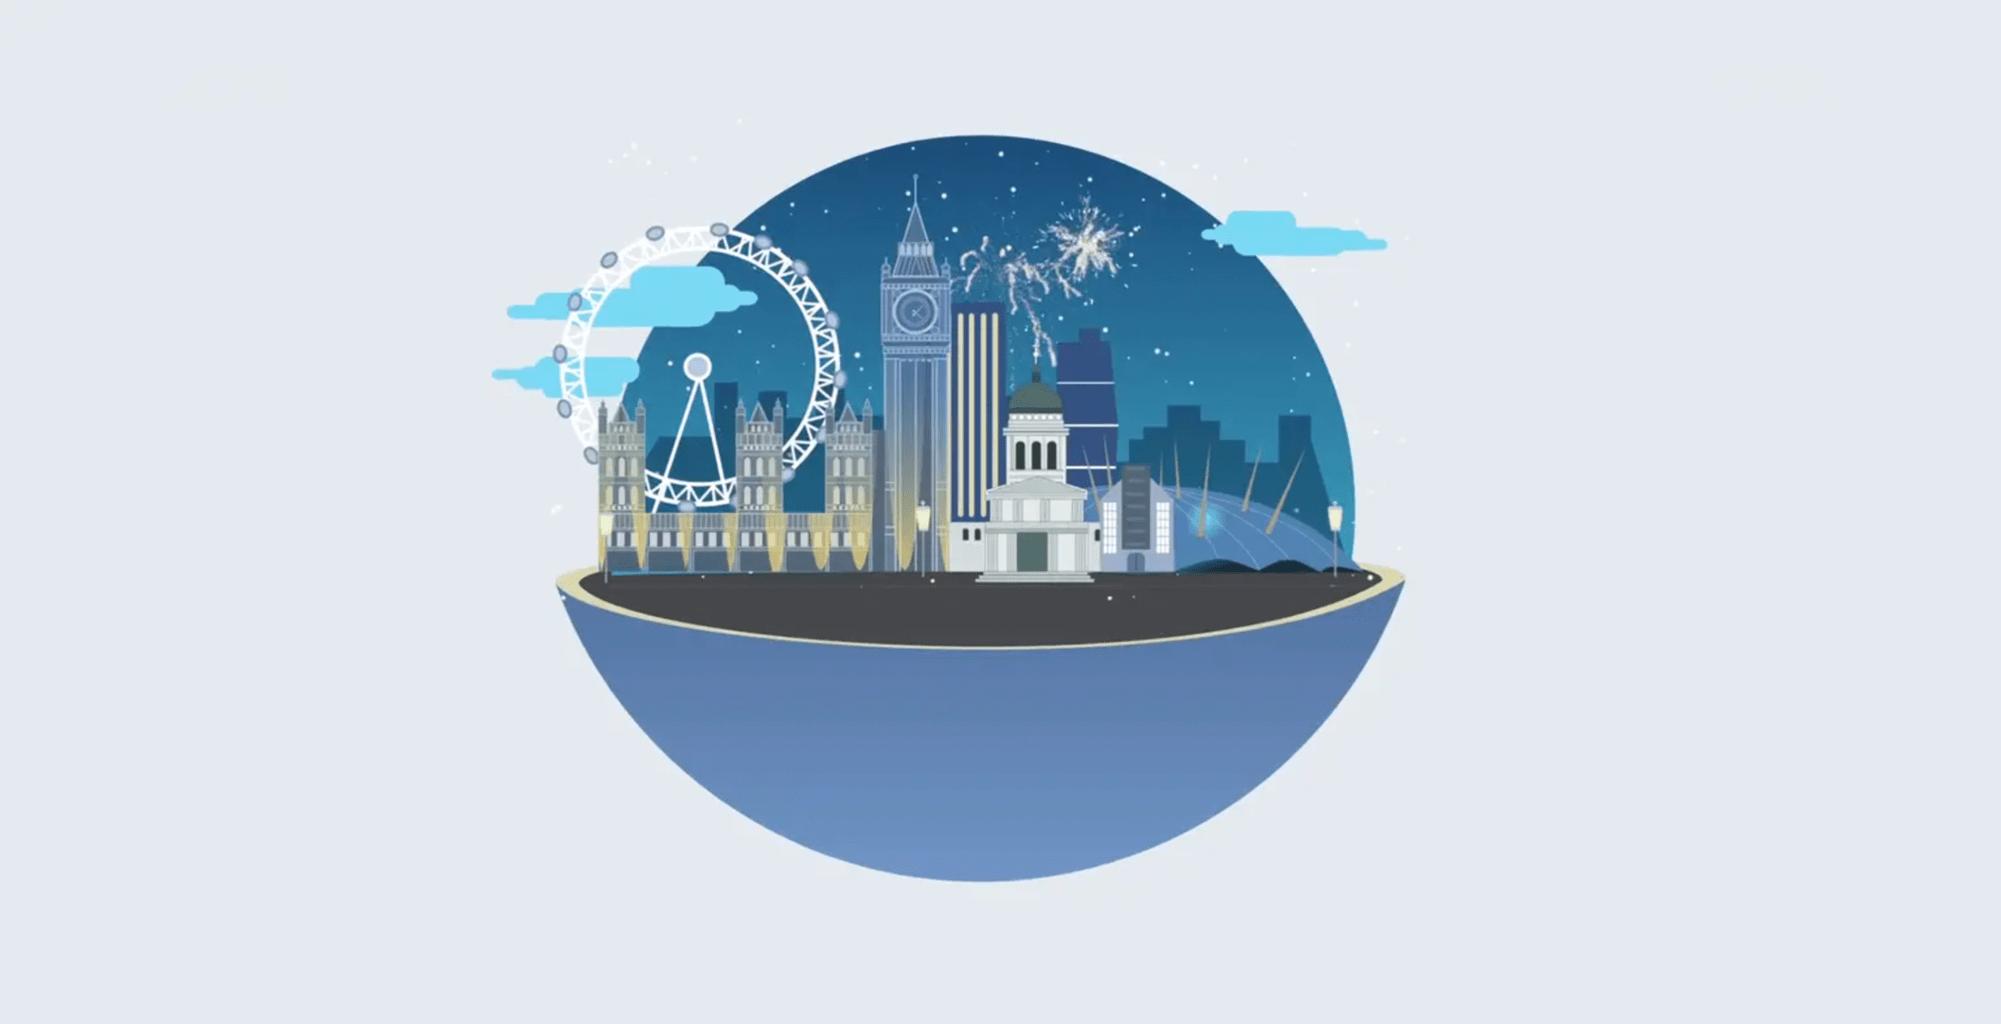 london animation still